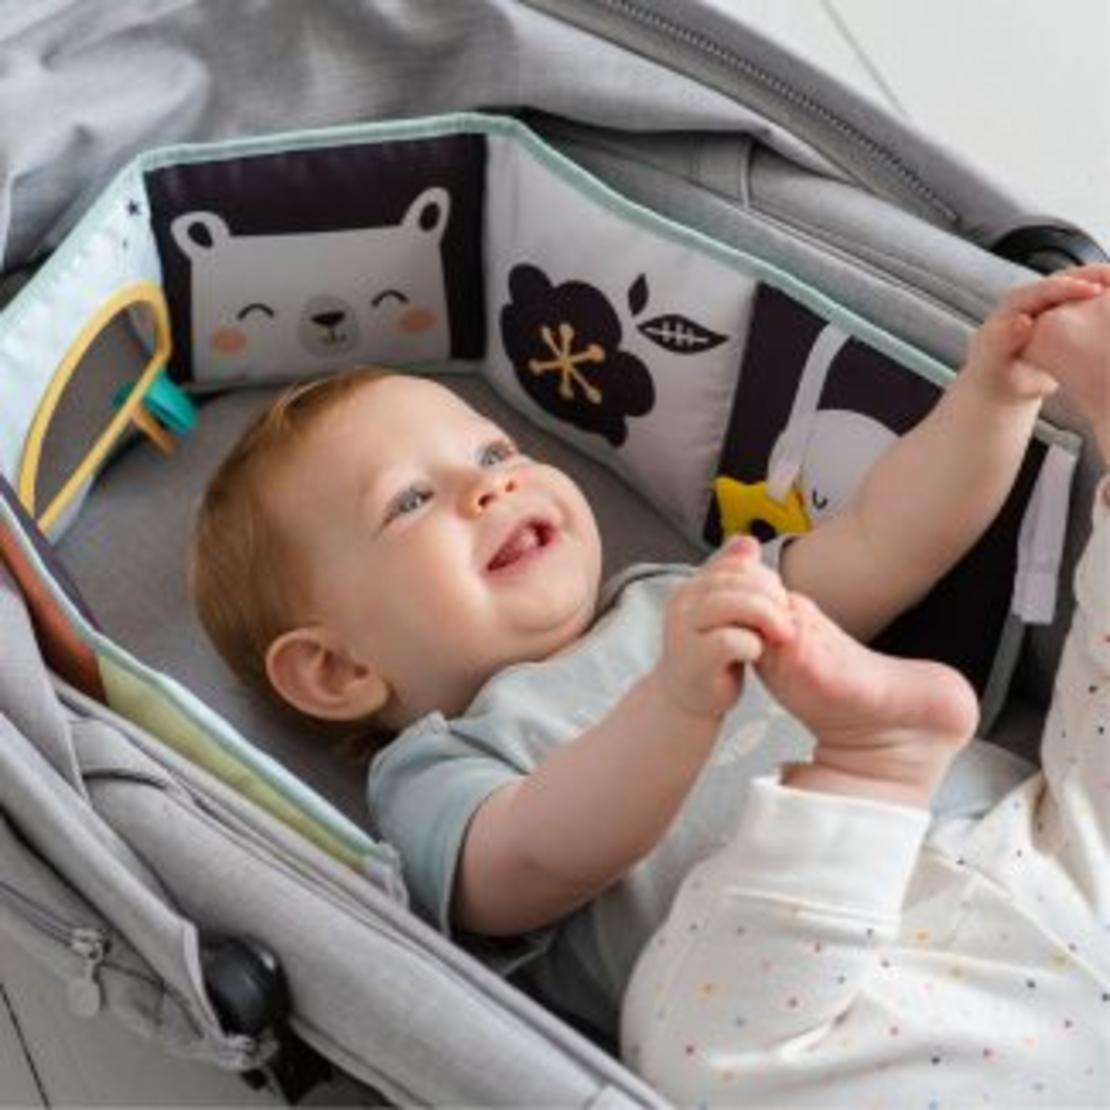 18# - אהבת אם לבן : ספר בד, חיתולי טטרה, שמיכה, בובה נתלית אינטראקטיבית, ברווזון ורעשן טבעת בקופסת צעצועים